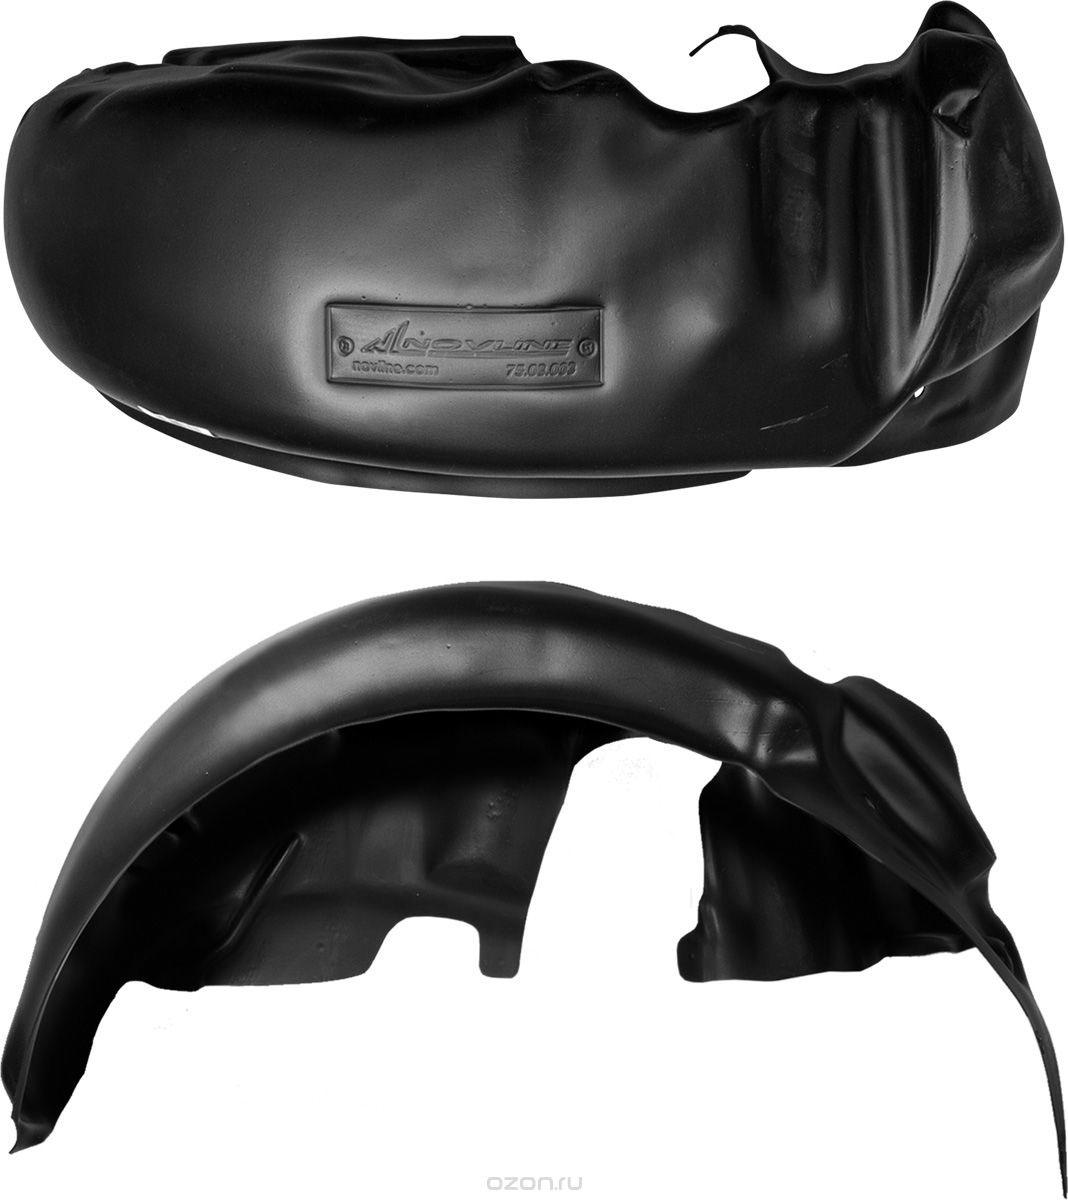 Подкрылок Novline-Autofamily, для ВАЗ 11183 Kalina, 2004-2013, б/б, задний правый004604Идеальная защита колесной ниши. Локеры разработаны с применением цифровых технологий, гарантируют максимальную повторяемость поверхности арки. Изделия устанавливаются без нарушения лакокрасочного покрытия автомобиля, каждый подкрылок комплектуется крепежом. Уважаемые клиенты, обращаем ваше внимание, что фотографии на подкрылки универсальные и не отражают реальную форму изделия. При этом само изделие идет точно под размер указанного автомобиля.